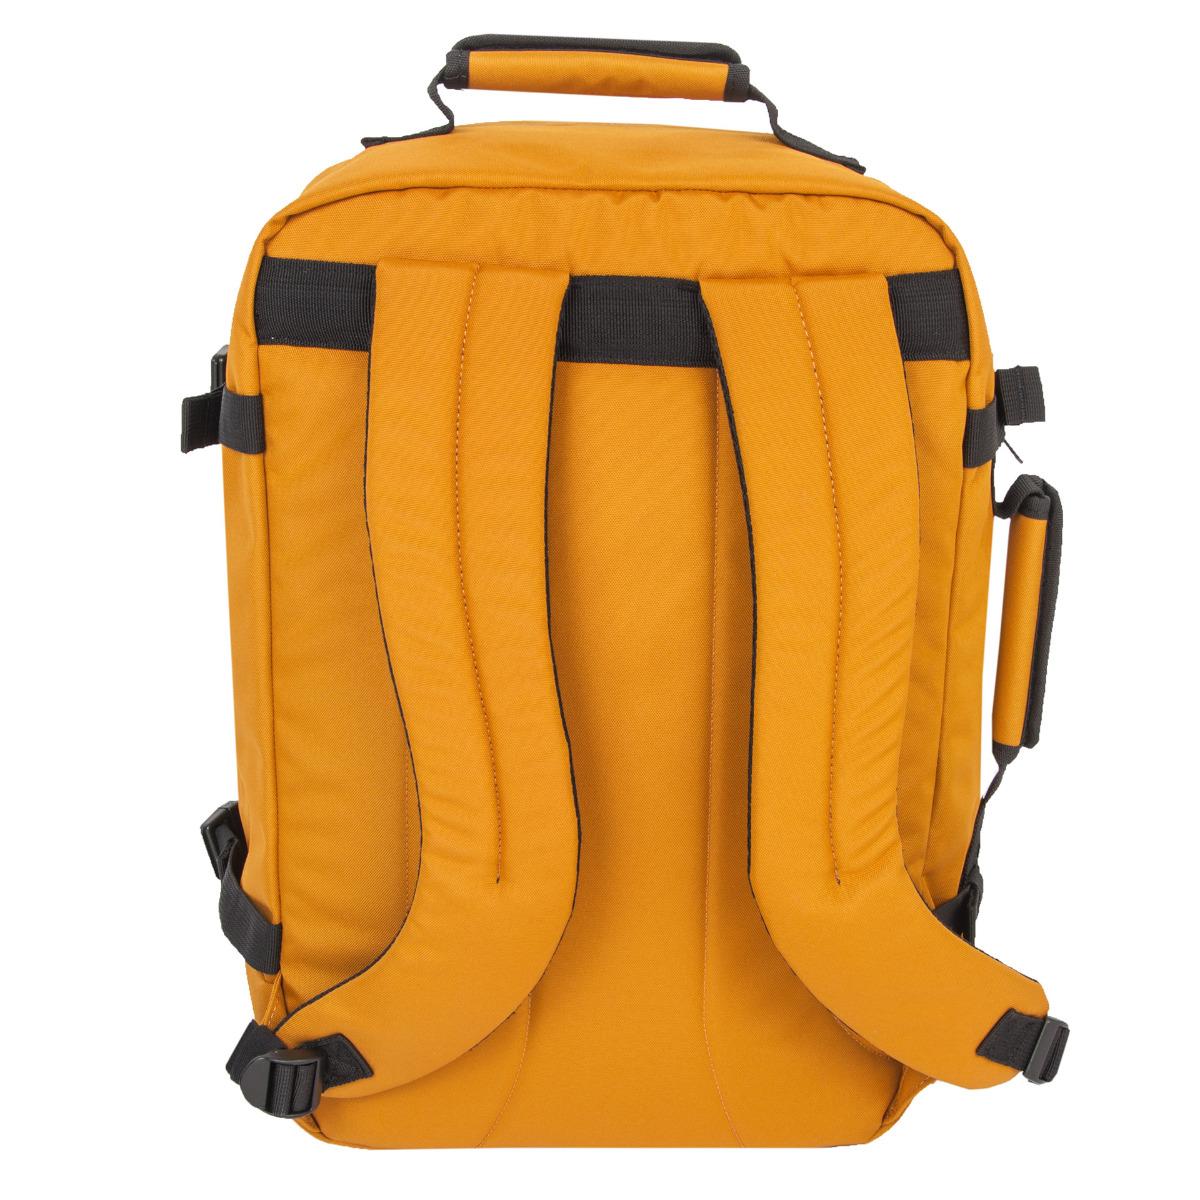 """CabinZero Classic 44L Orange Chill Hľadáte spoľahlivého spoločníka na cesty?  - špeciálne YKK zipsy, najodolnejšie zipsy vo svojej triede - spony a pracky UTX Duraflex z veľmi odolných materiálov - bočné sťahovacie popruhy z vonkajšej strany - držadlo na vrchnej strane aj z boku pre pohodlné nosenie v ruke - pohodlné ramenné popruhy - lemované švy - hlavná komora na zips - jazdce zipsu možno zamknúť visiacim zámkom - predné vrecko na zips na drobnosti - vnútorné vrecká zo sieťoviny aj na zips pre ľahšiu organizáciu vašich vecí - vonkajšia látka a ďalšie prvky z vodeodolných materiálov - integrovaný systém Global Luggage Tracker od spoločnosti Okoban - desaťročná záruka, ktorú možno zadarmo predĺžiť na 25 rokov, keď dáte """"like"""" stránke CabinZero na FB (najneskôr do 30 dní odo dňa nákupu)  Čo je Global Luggage Tracker od spoločnosti Okoban? Ide o bezpečnostný prvok, vďaka ktorému sa do rúk majiteľa často vráti stratená alebo ukradnutá batožina."""